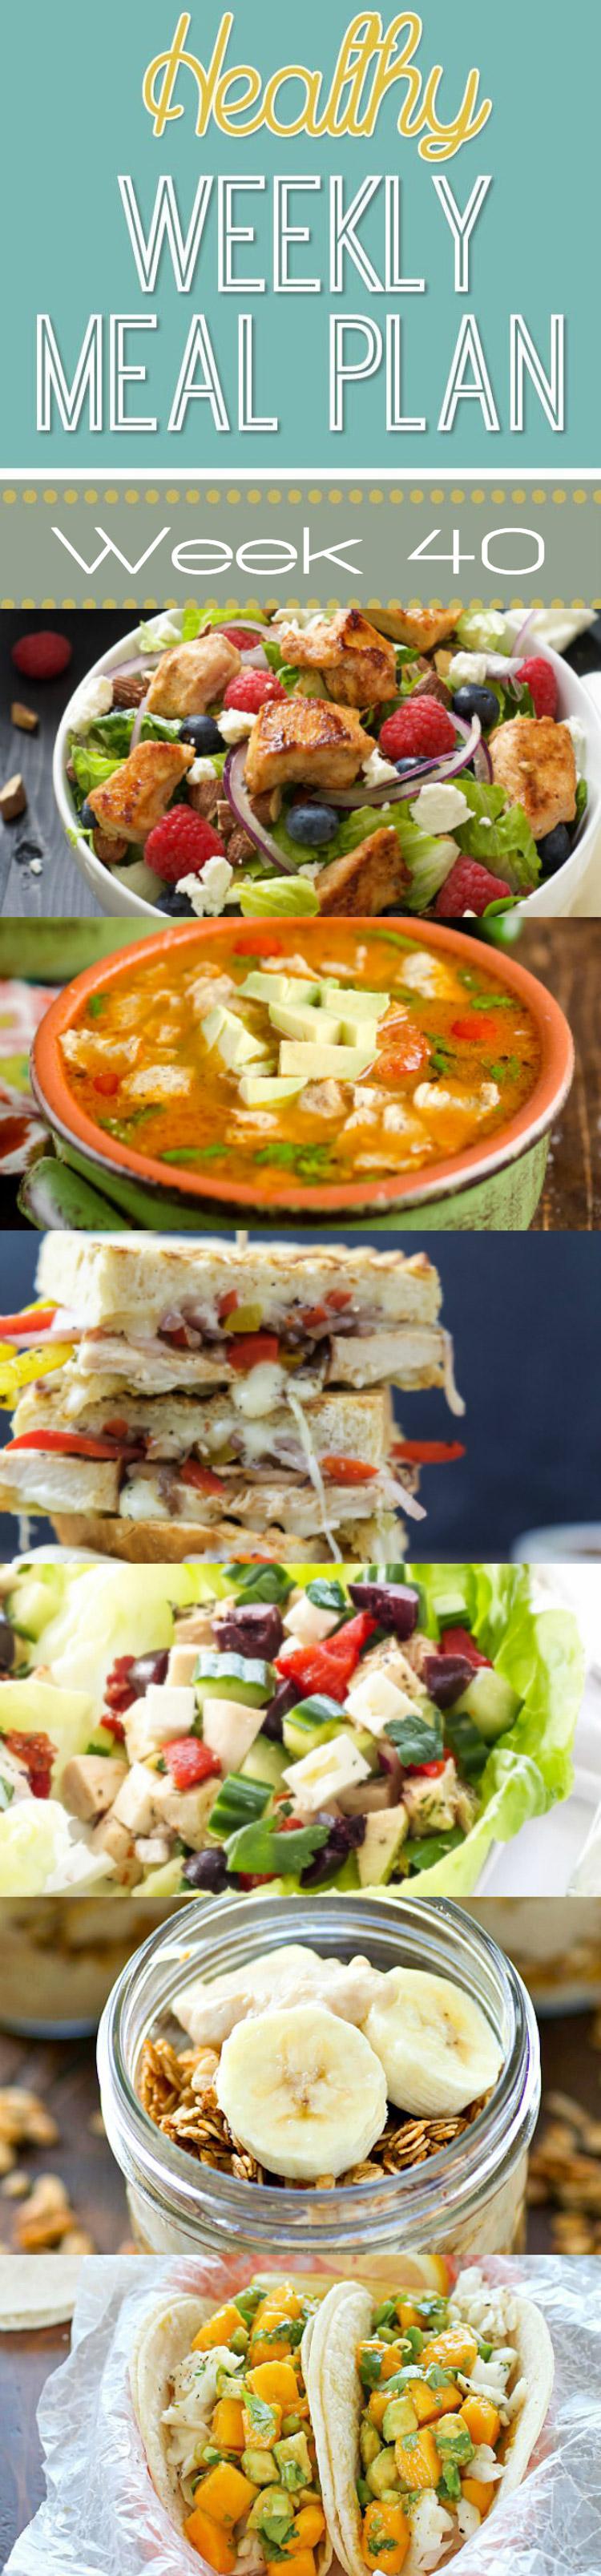 Healthy Weekly Meal Plan Week 40